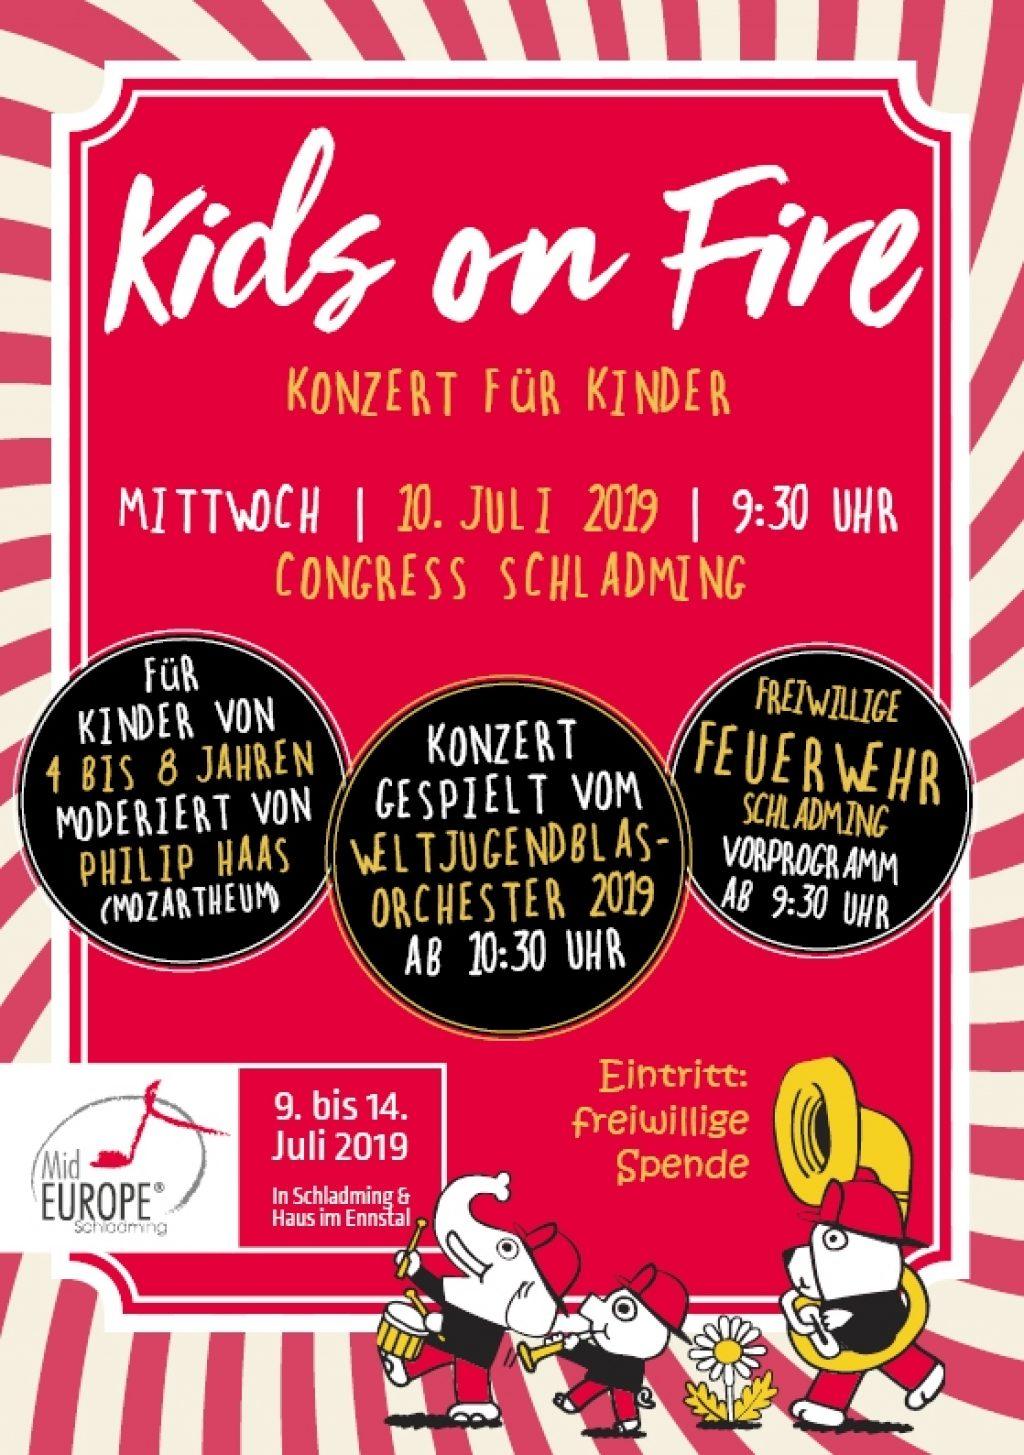 2019 A5 Flyer Kinderkonzert Web